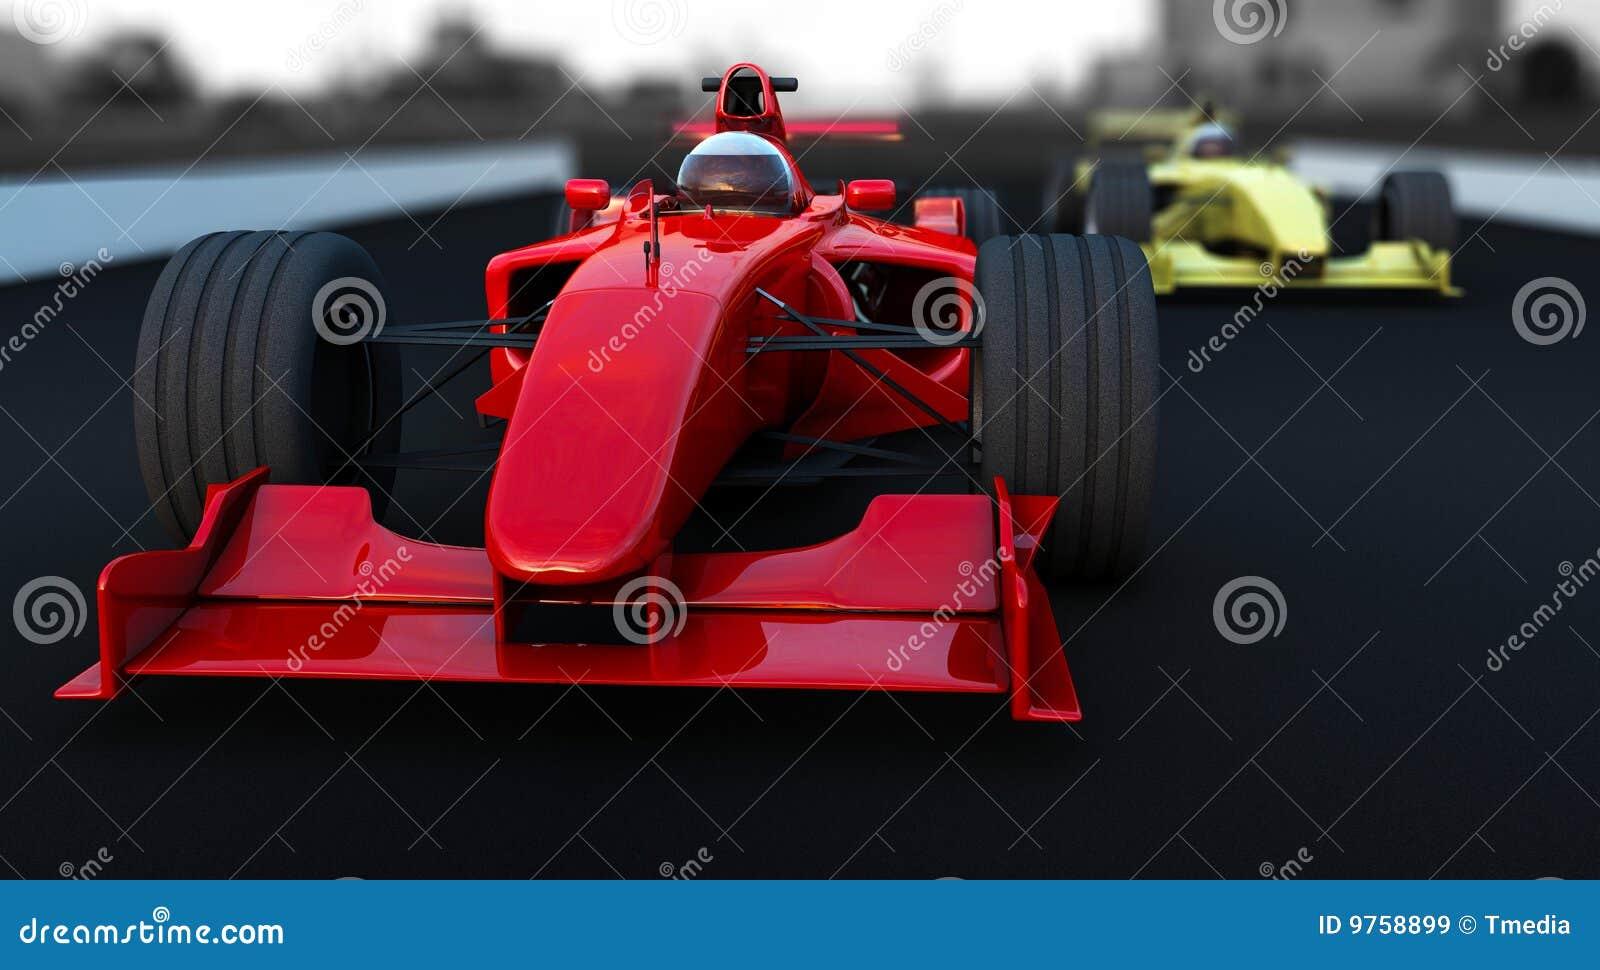 1汽车配方红色体育运动黄色